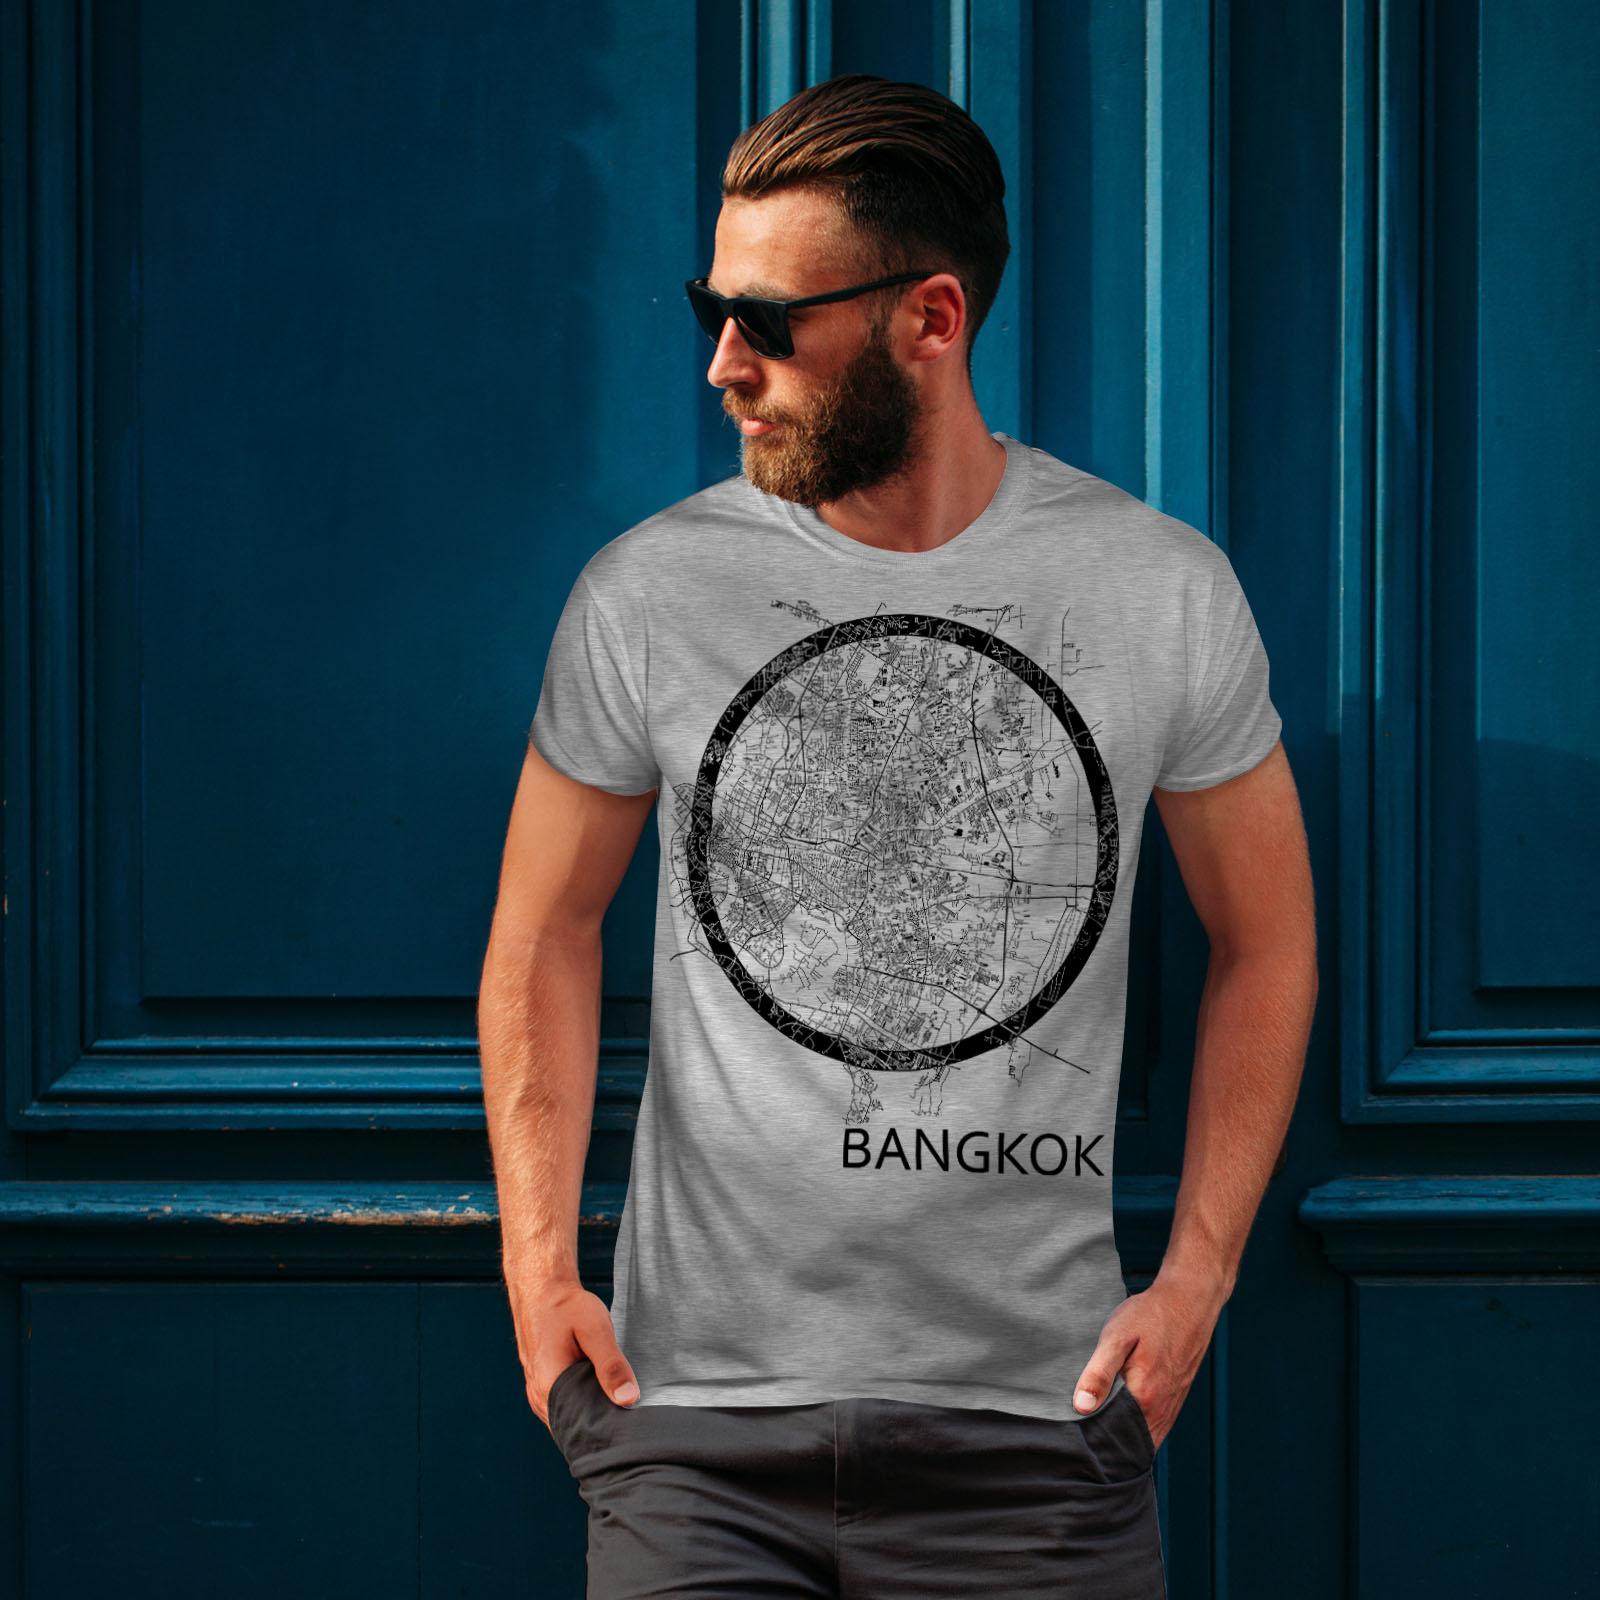 Wellcoda-Thailand-Bangkok-Map-Mens-T-shirt-Big-Graphic-Design-Printed-Tee thumbnail 16